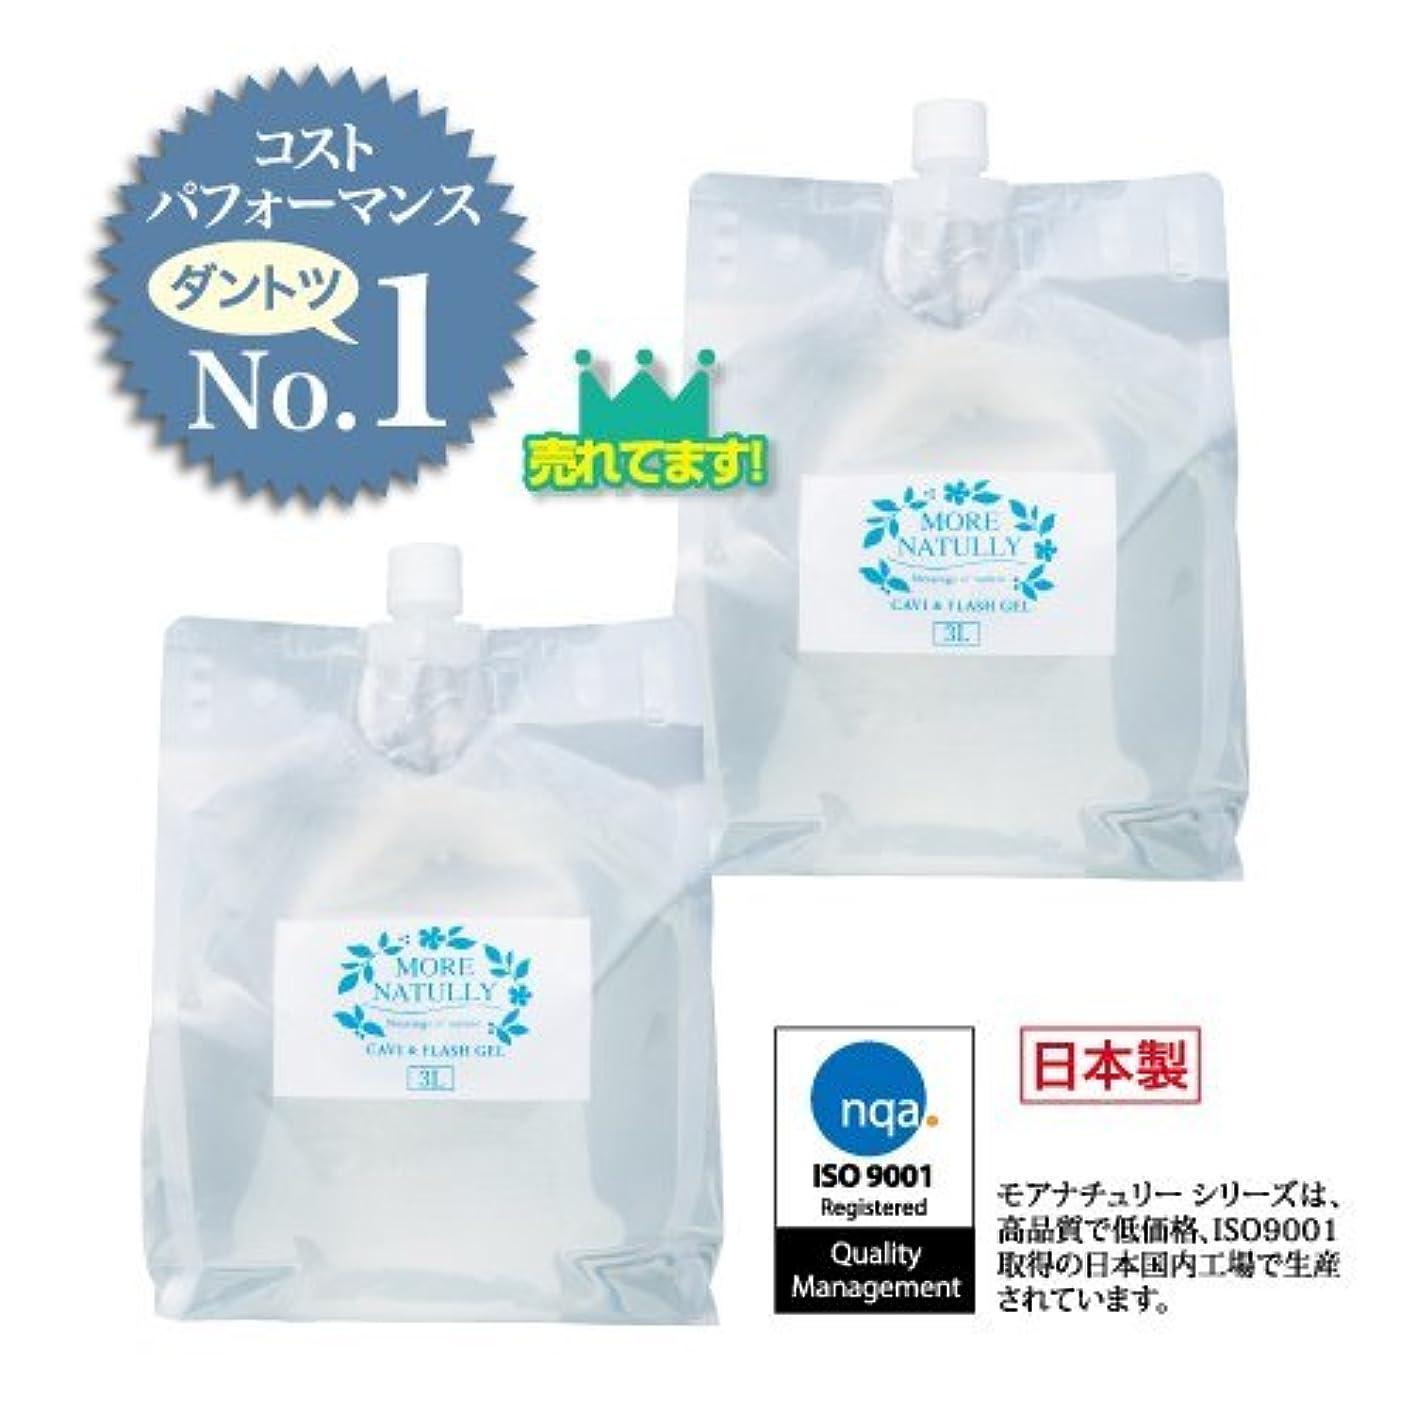 雰囲気ガジュマル深さモアナチュリー キャビ&フラッシュジェル 【ソフト】3kg×2袋